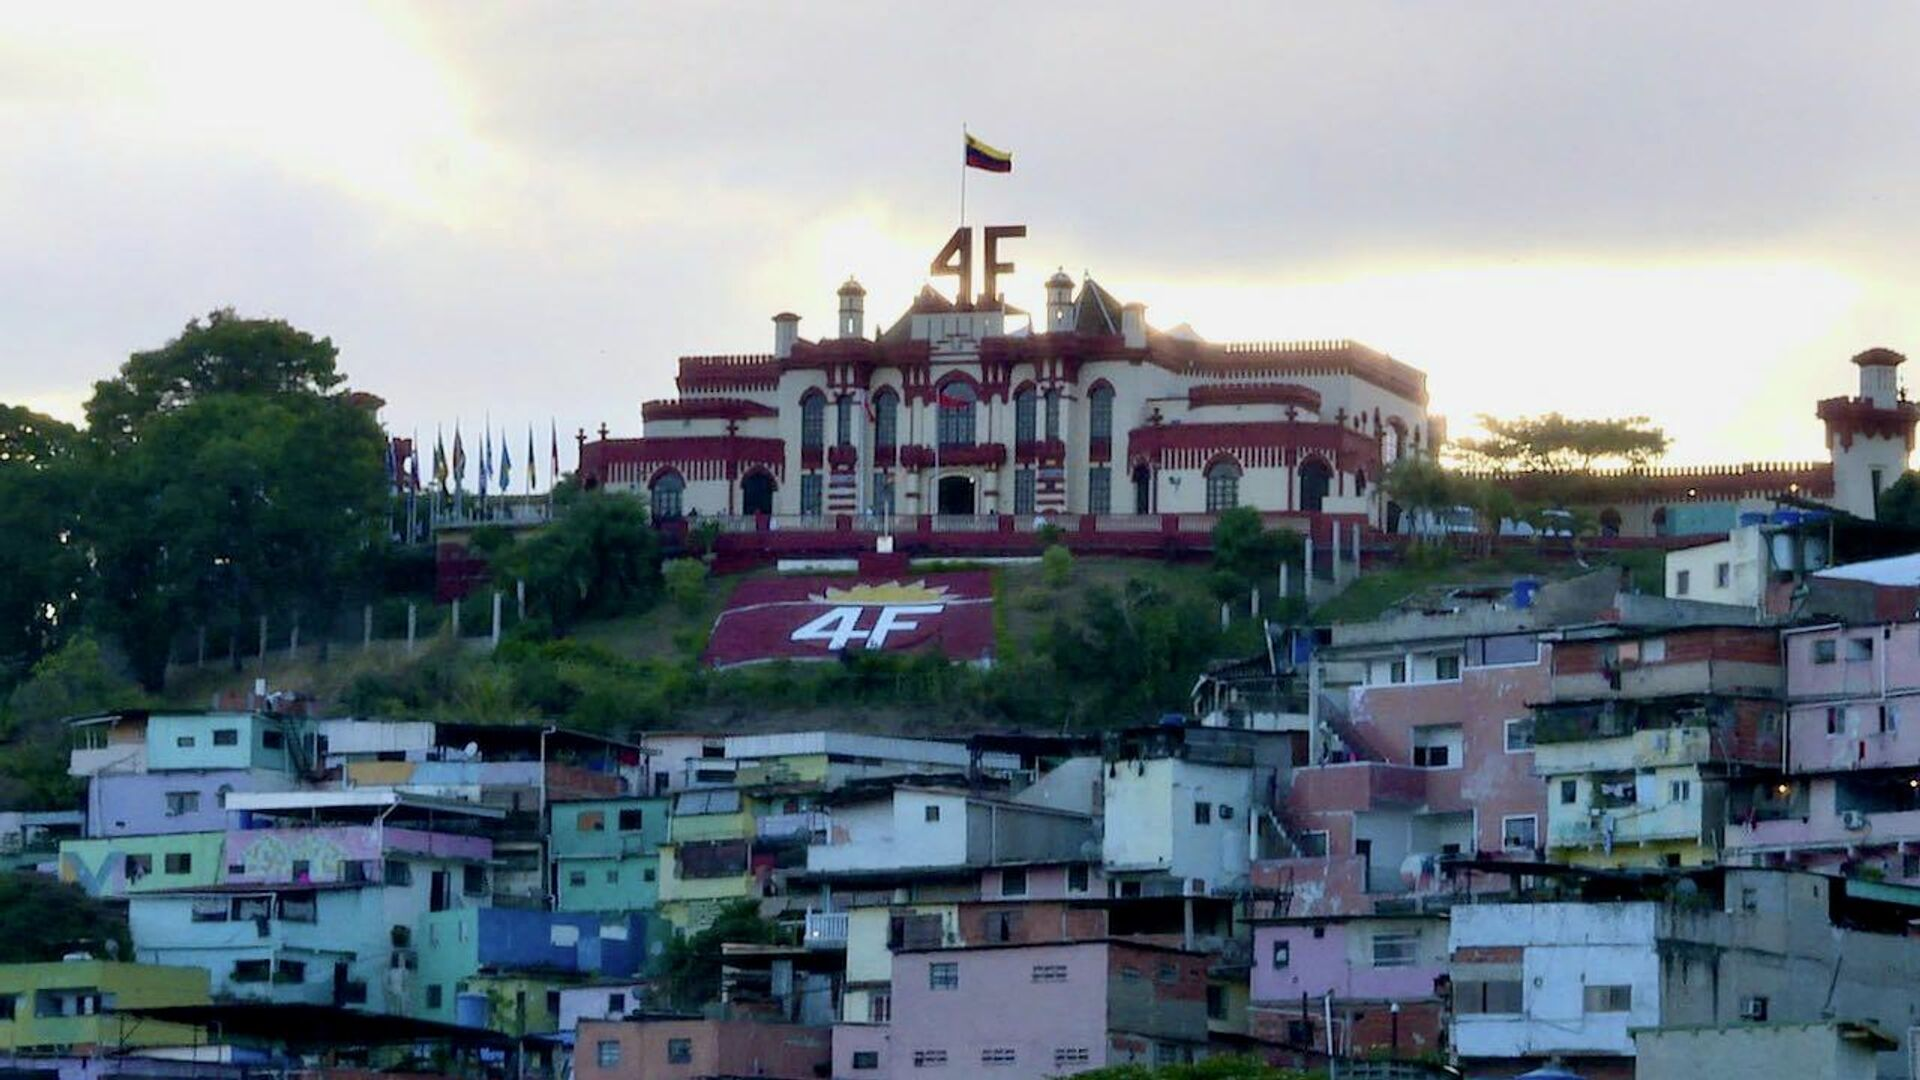 En el Barrio 23 de Enero, en el Cuartel de la Montaña, reposan los restos del líder bolivariano Hugo Chávez - Sputnik Mundo, 1920, 23.07.2021